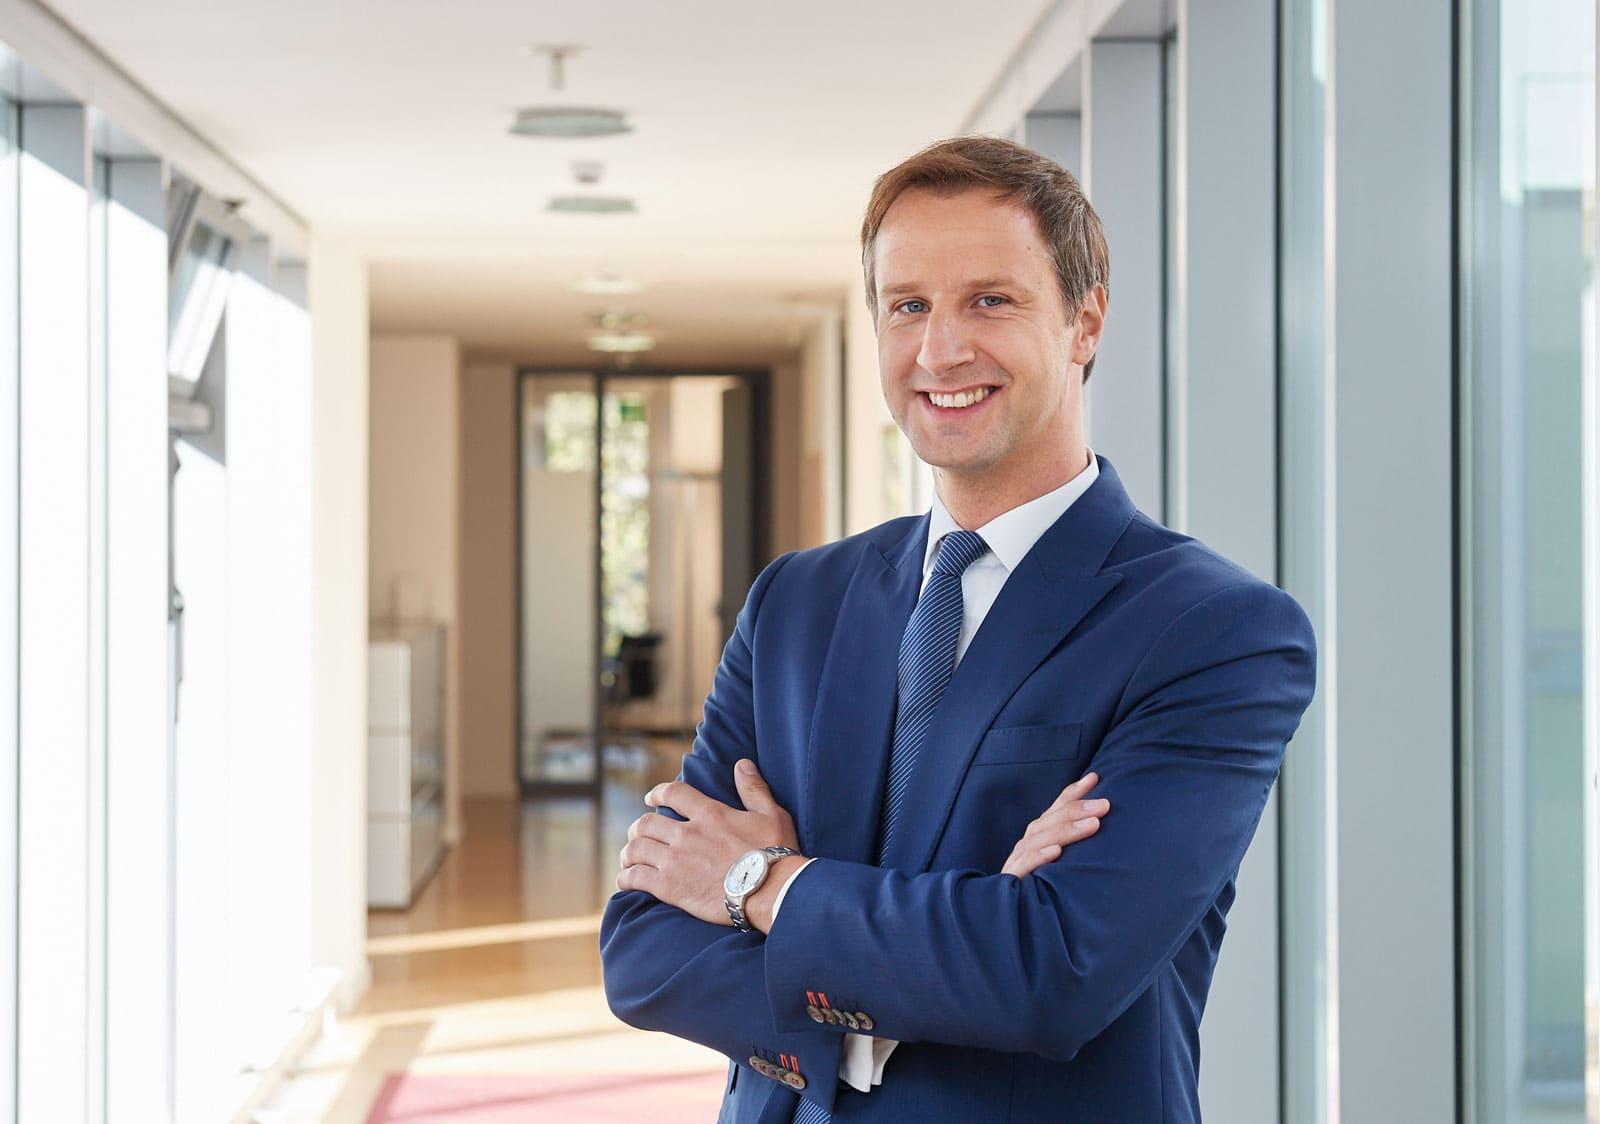 Portrait eines dynamischen Rechtsanwaltes in seiner Kanzlei